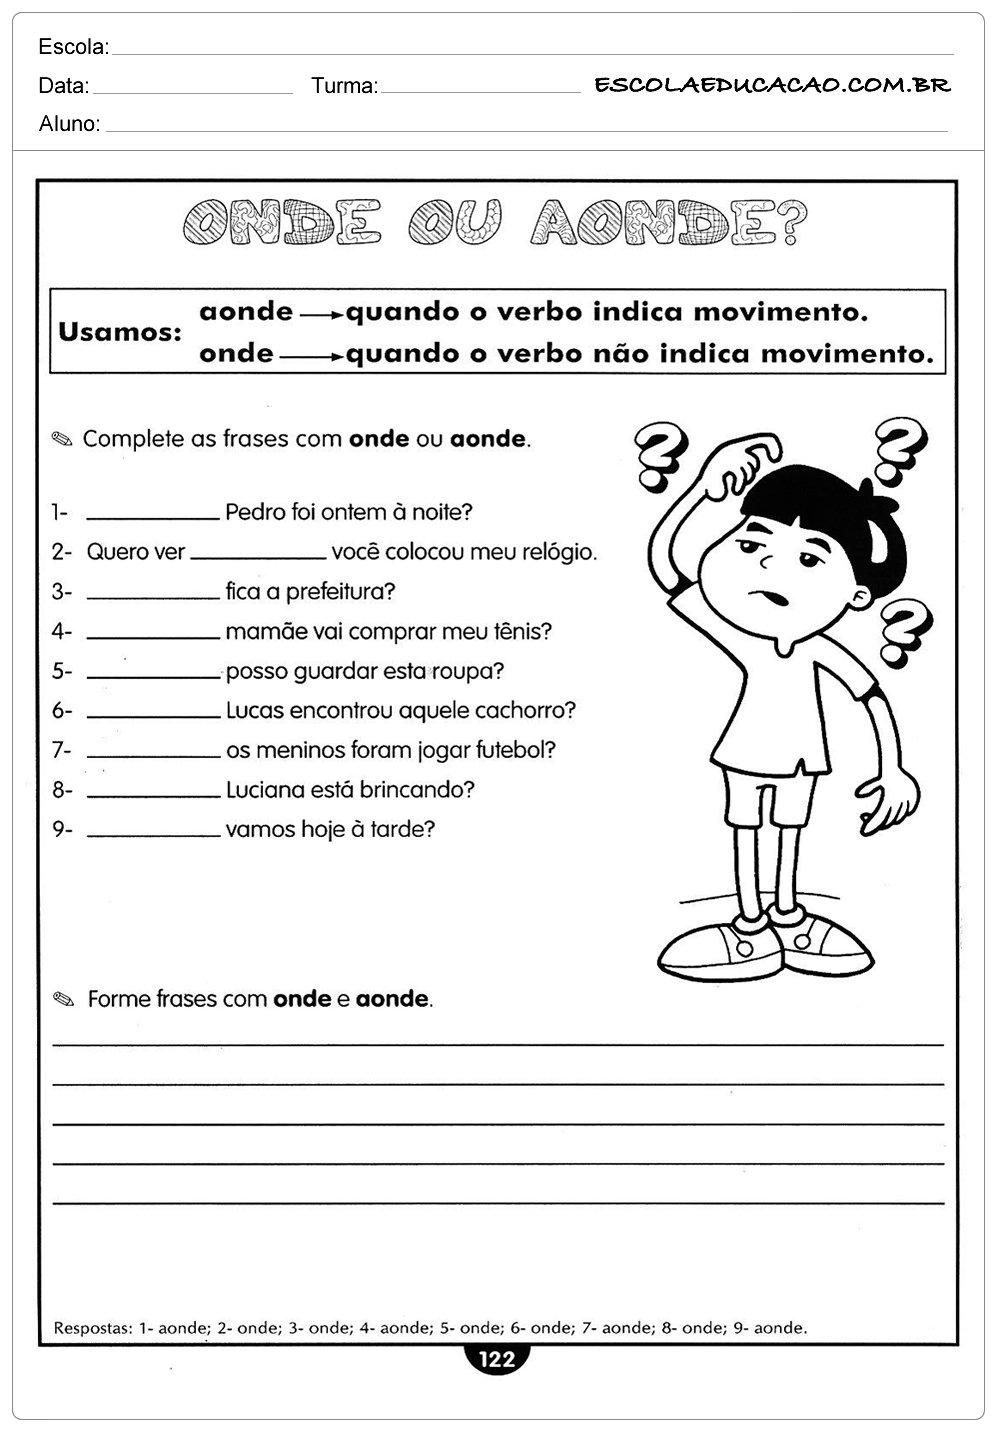 Atividades de Português 5º ano – Onde ou Aonde